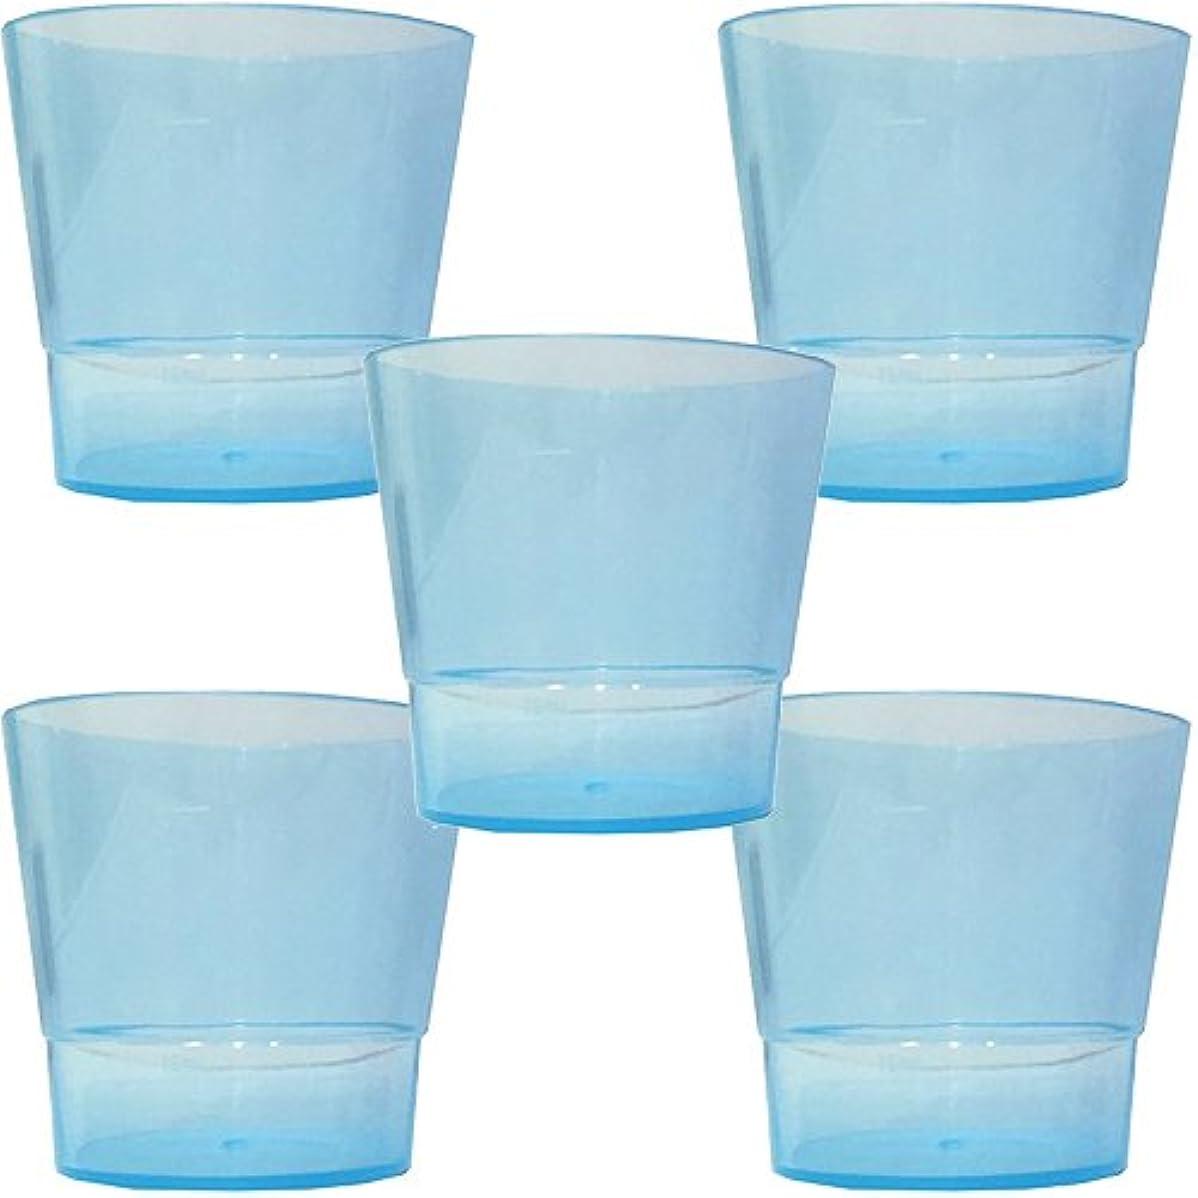 祝う自動忌み嫌う洗口コップ (少量洗口専用コップ) (ブルー 5個)